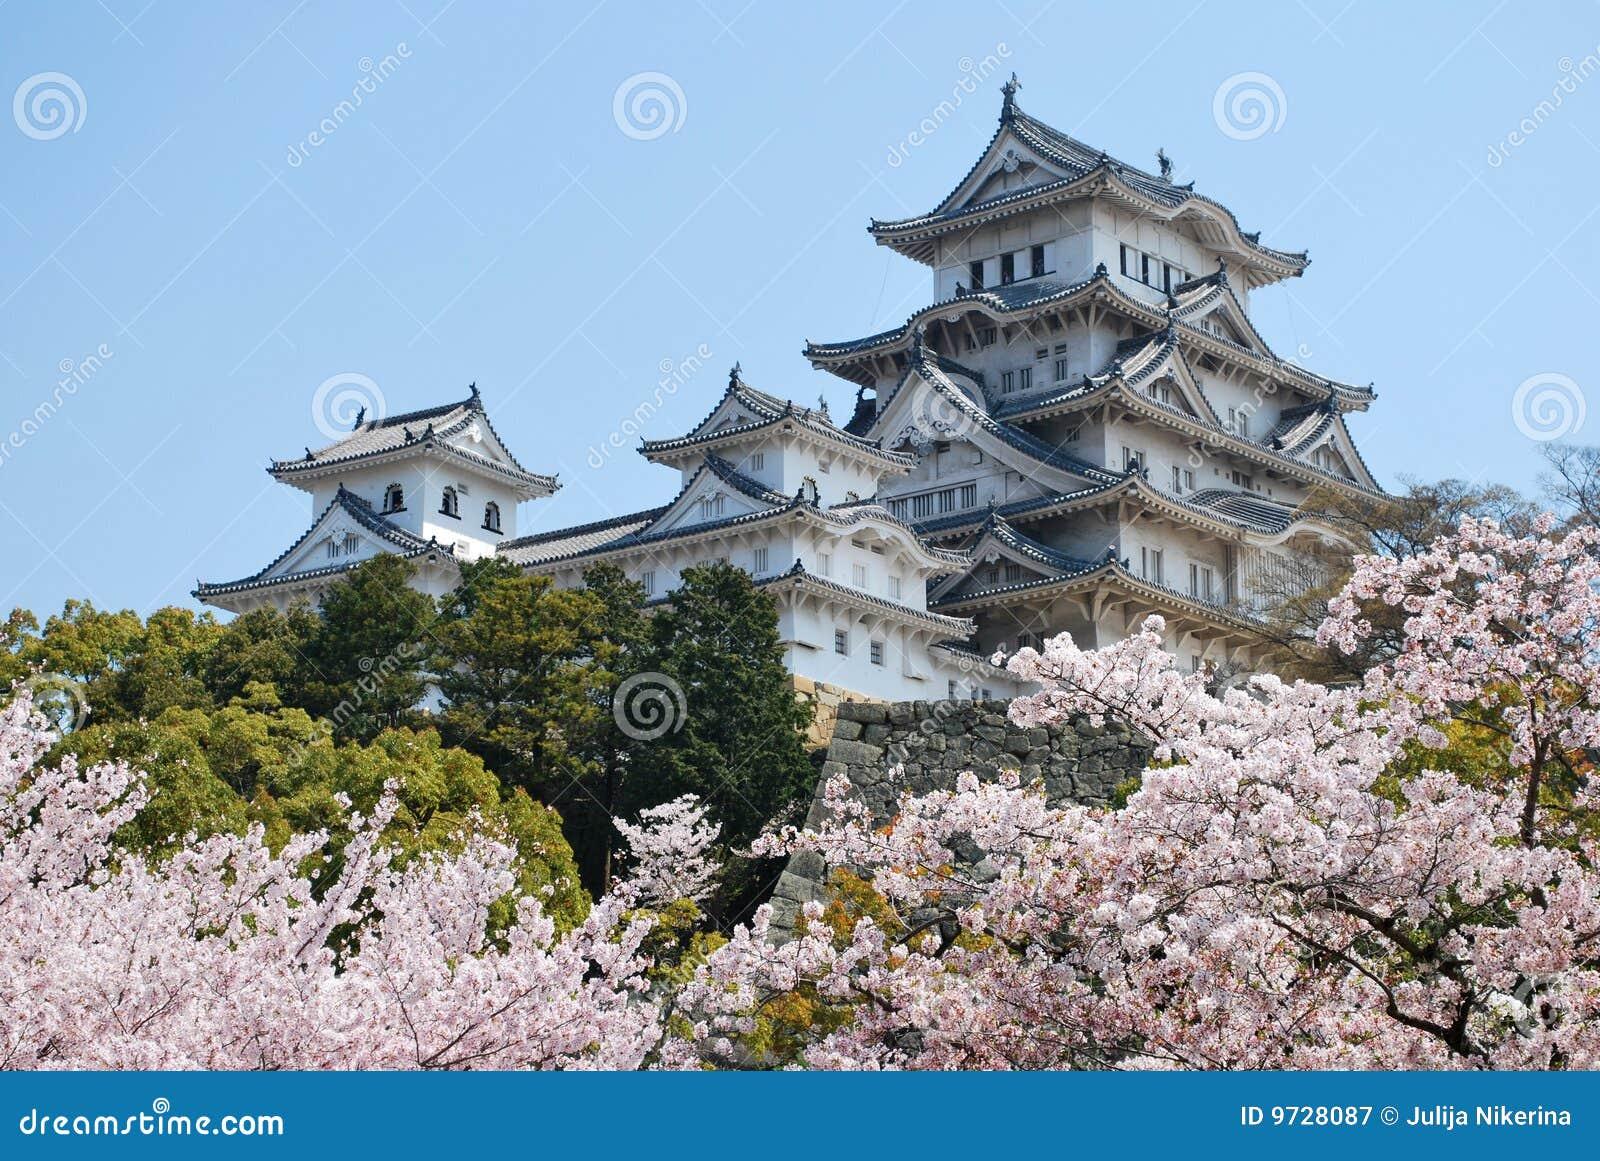 Castello di Himeji durante il fiore di ciliegia